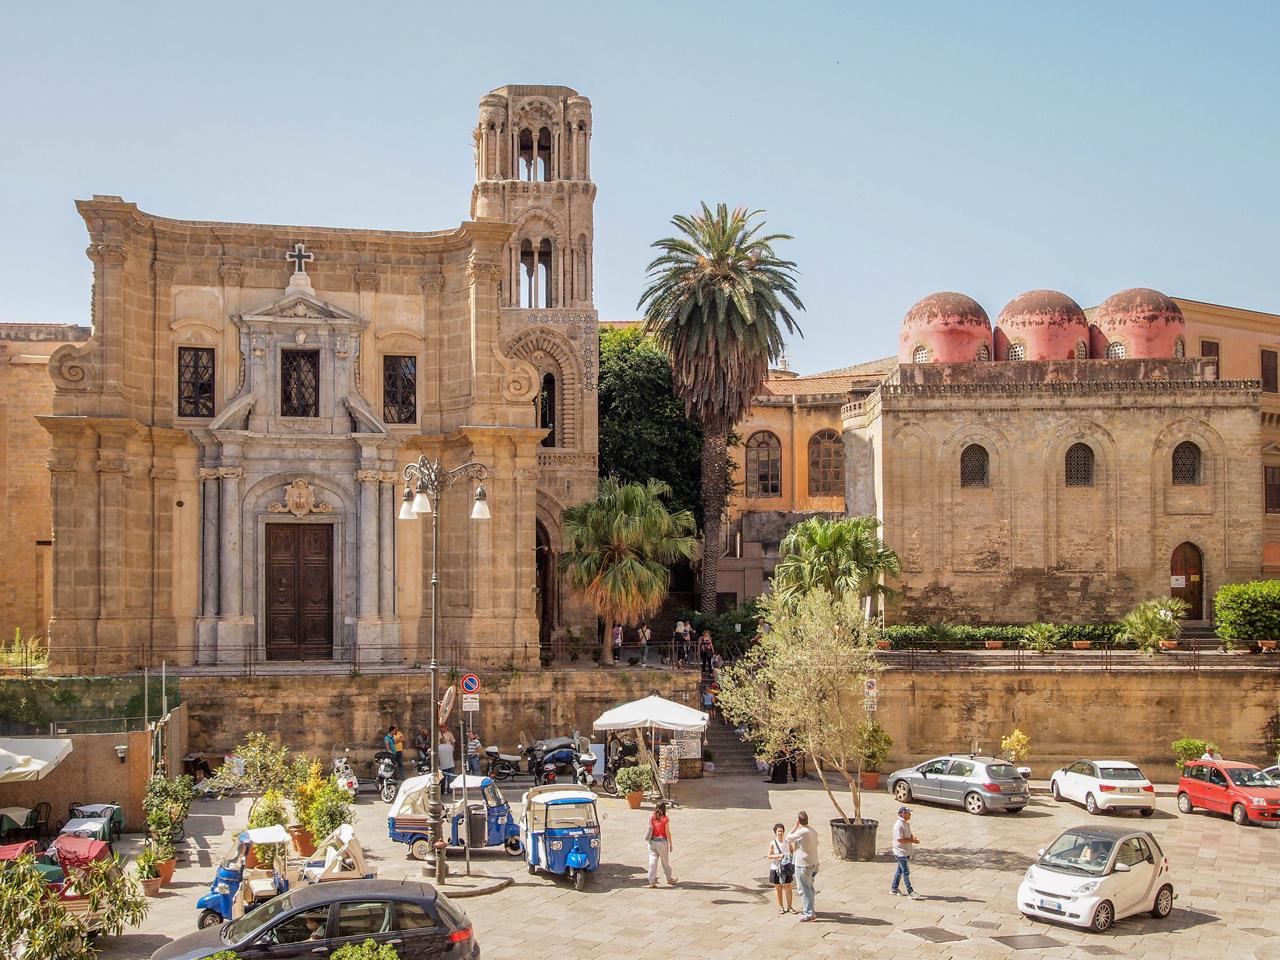 Chiesa della Martorana and Chiesa di San Cataldo in Palermo